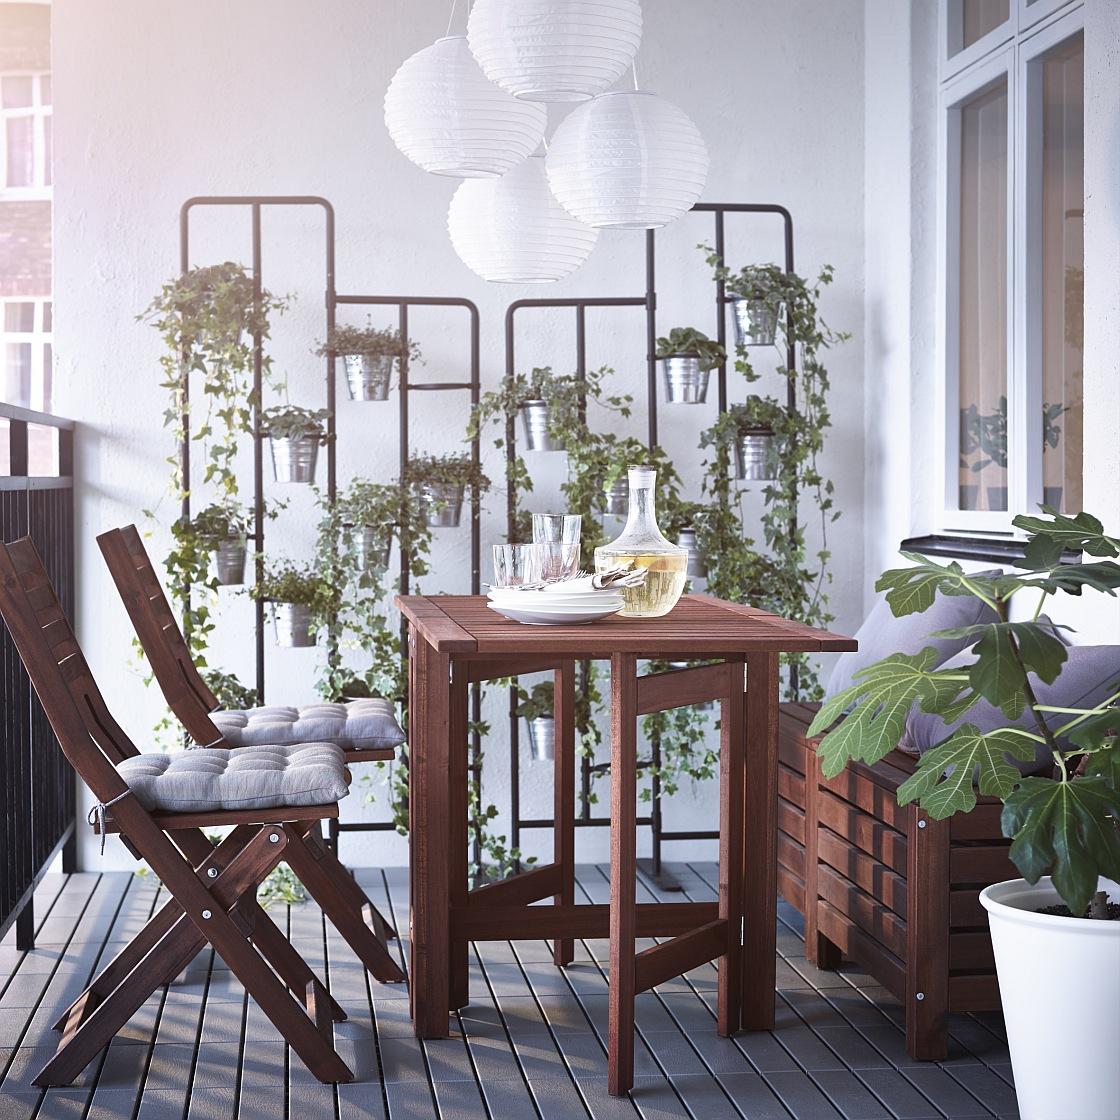 0dd9898b6 Väčšie balkóny znesú kreslá alebo pohovky, prípadne hojdaciu sieť. Veľkej  obľube sa tešia najmä prútené a ratanové záhradné ...